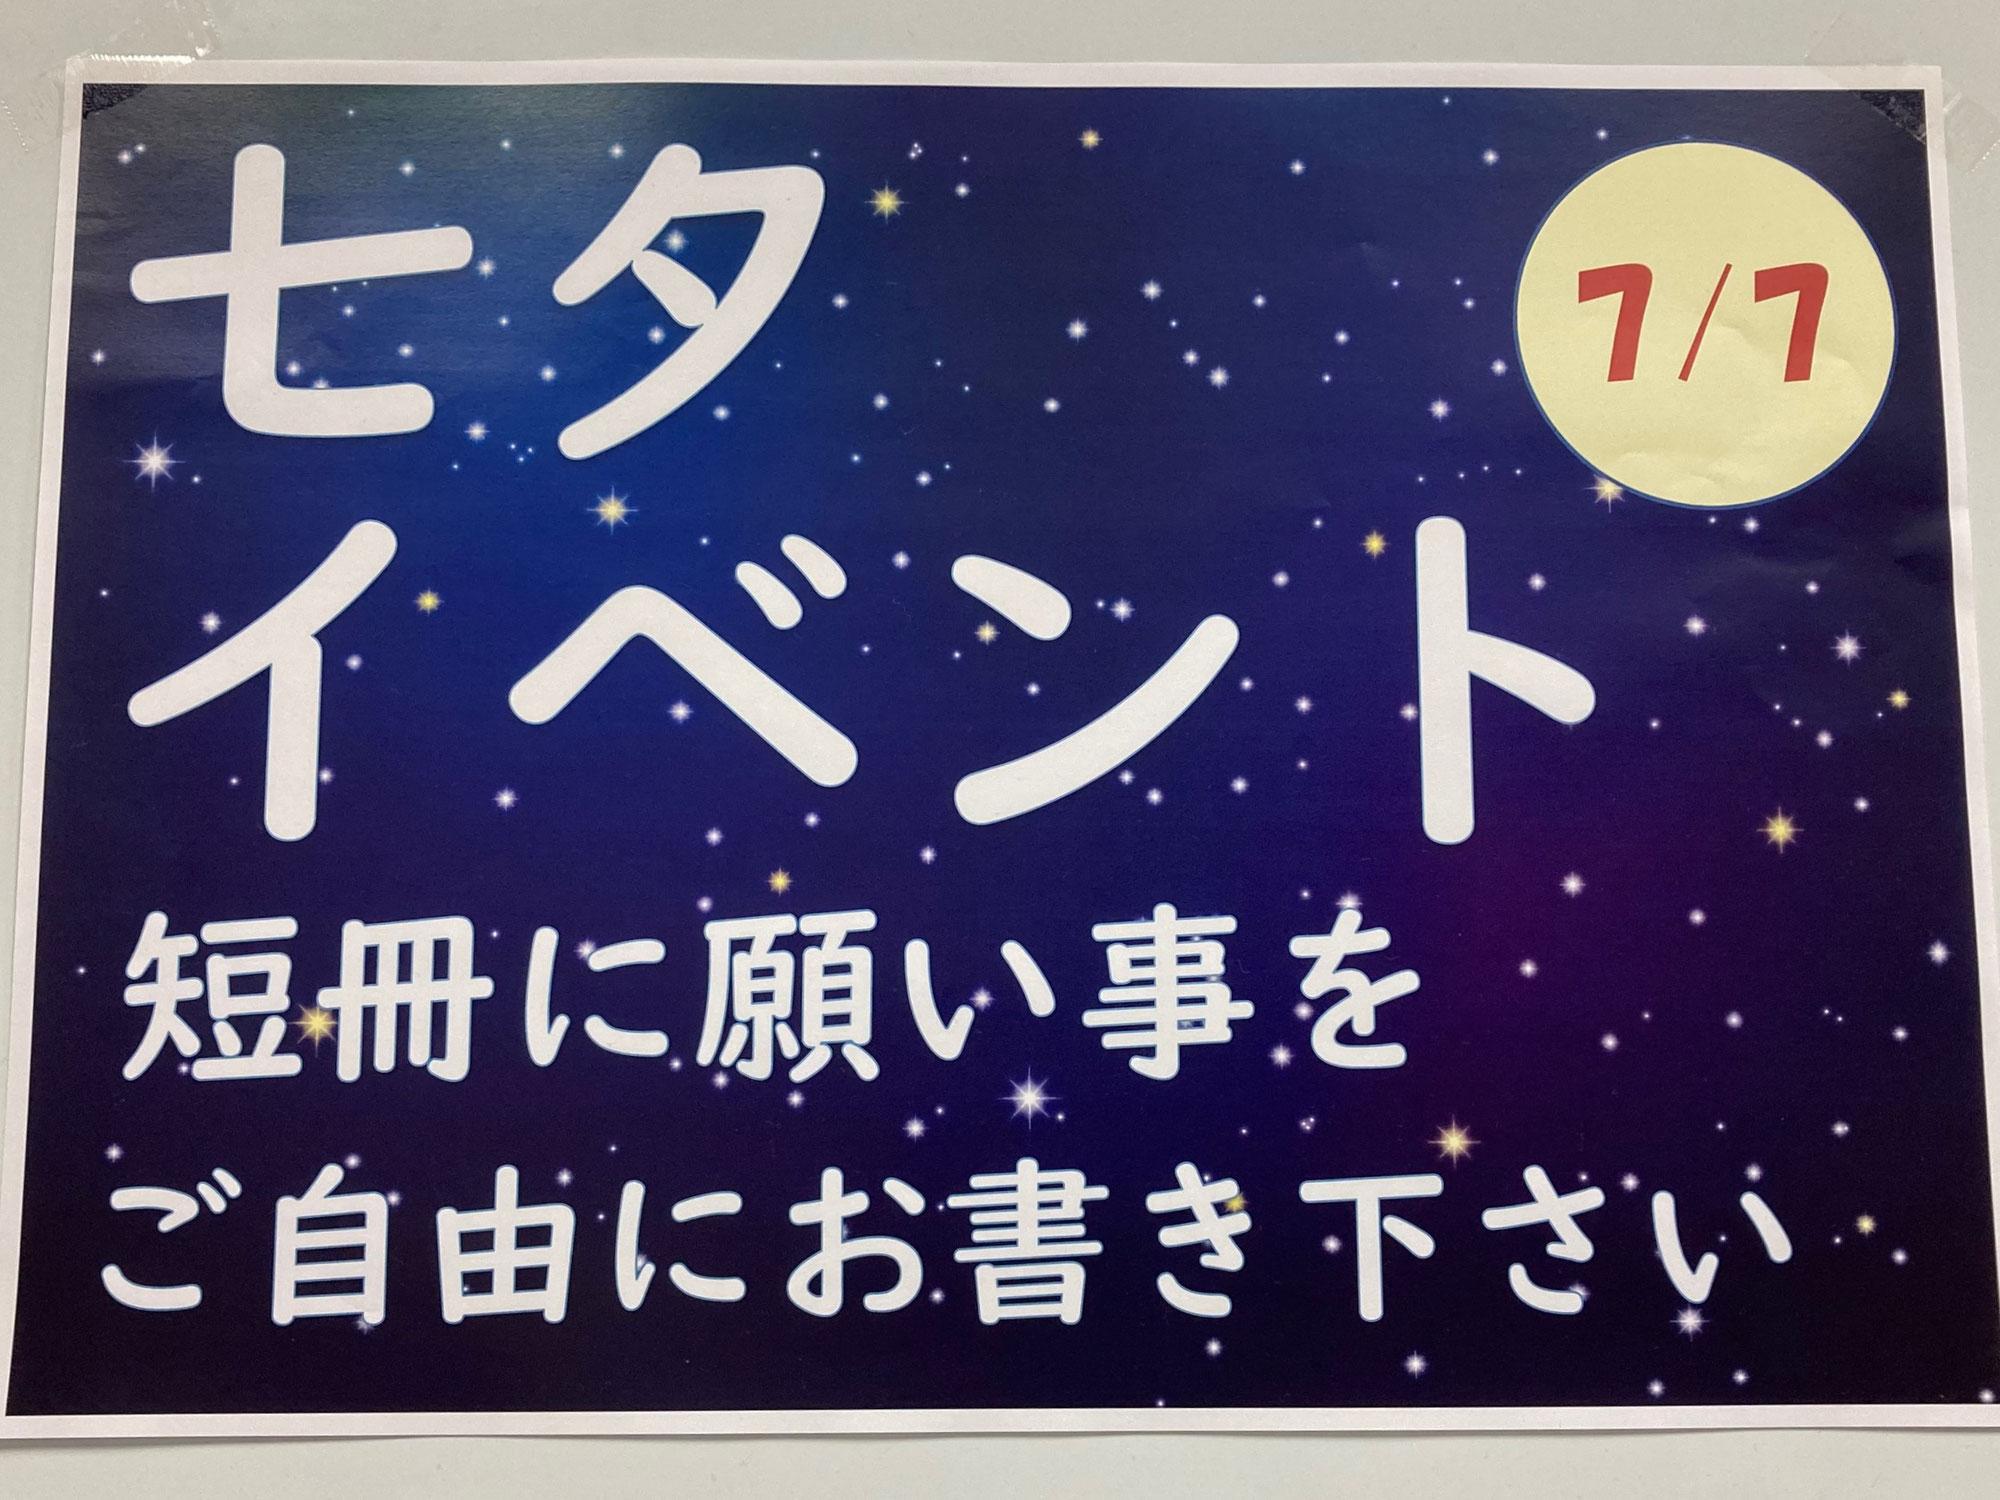 【松山】七夕イベント★短冊に願いを込めました★